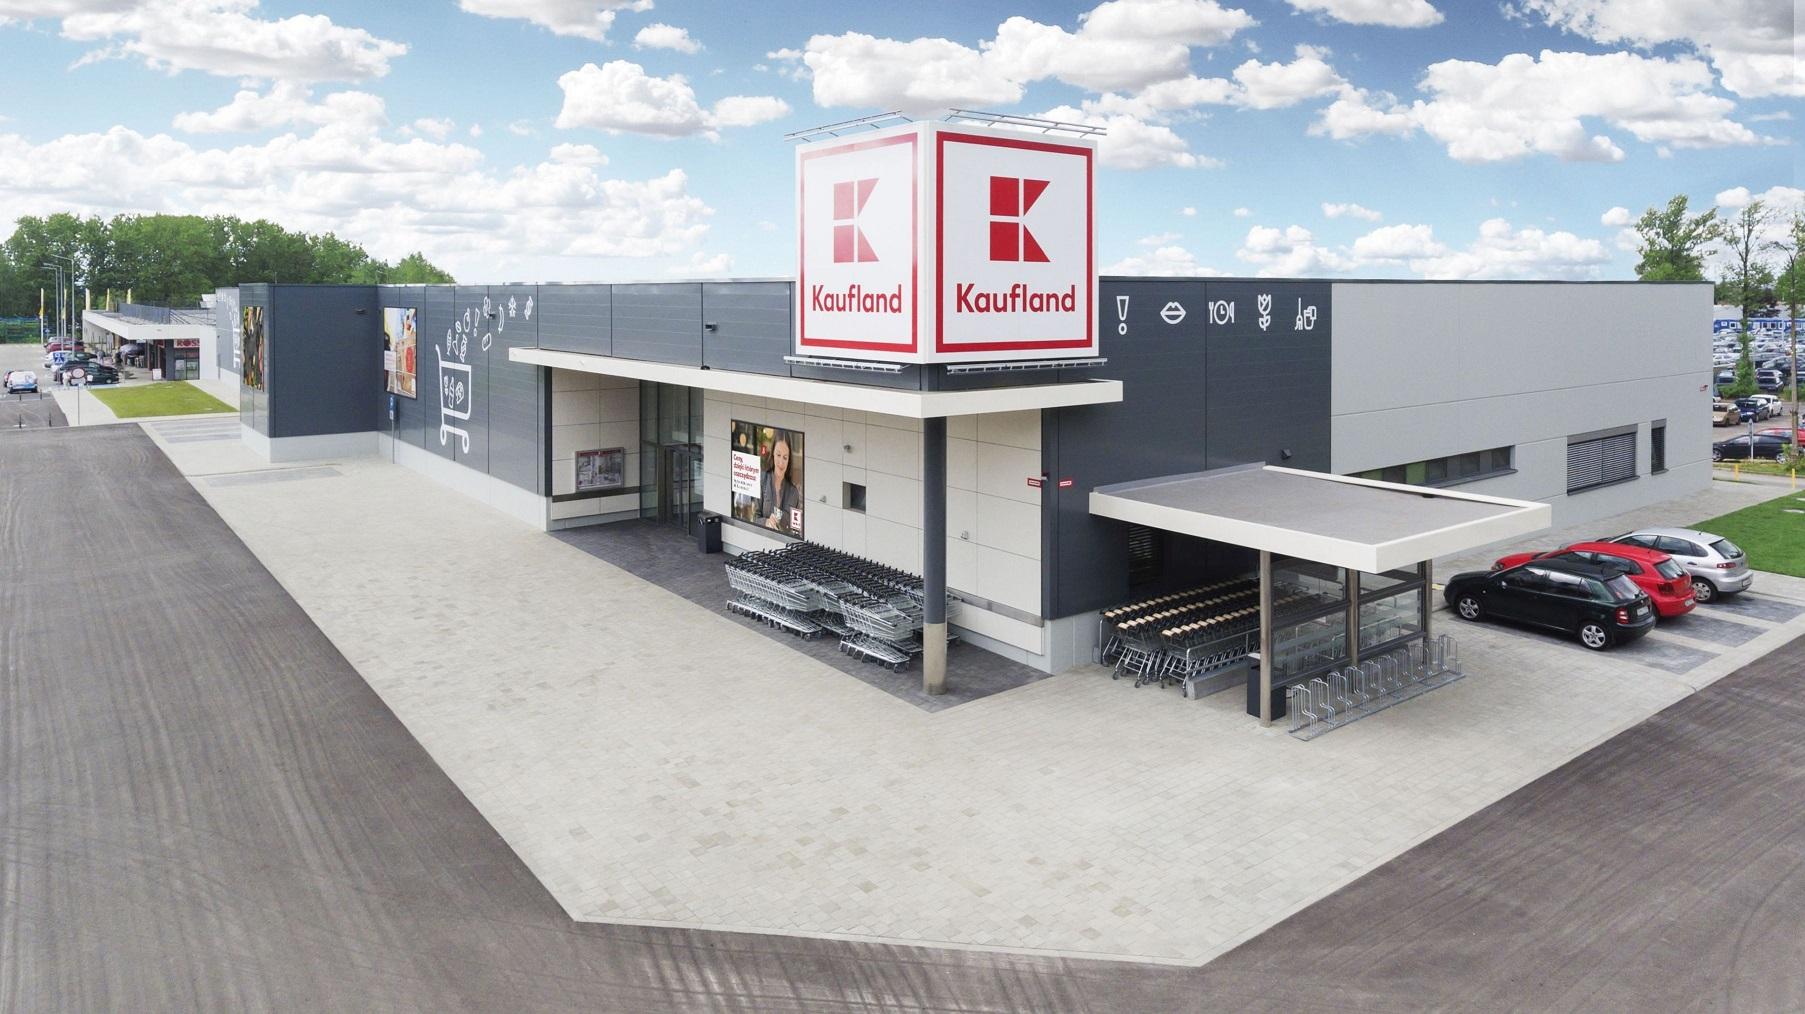 Kaufland_market_retail_journal